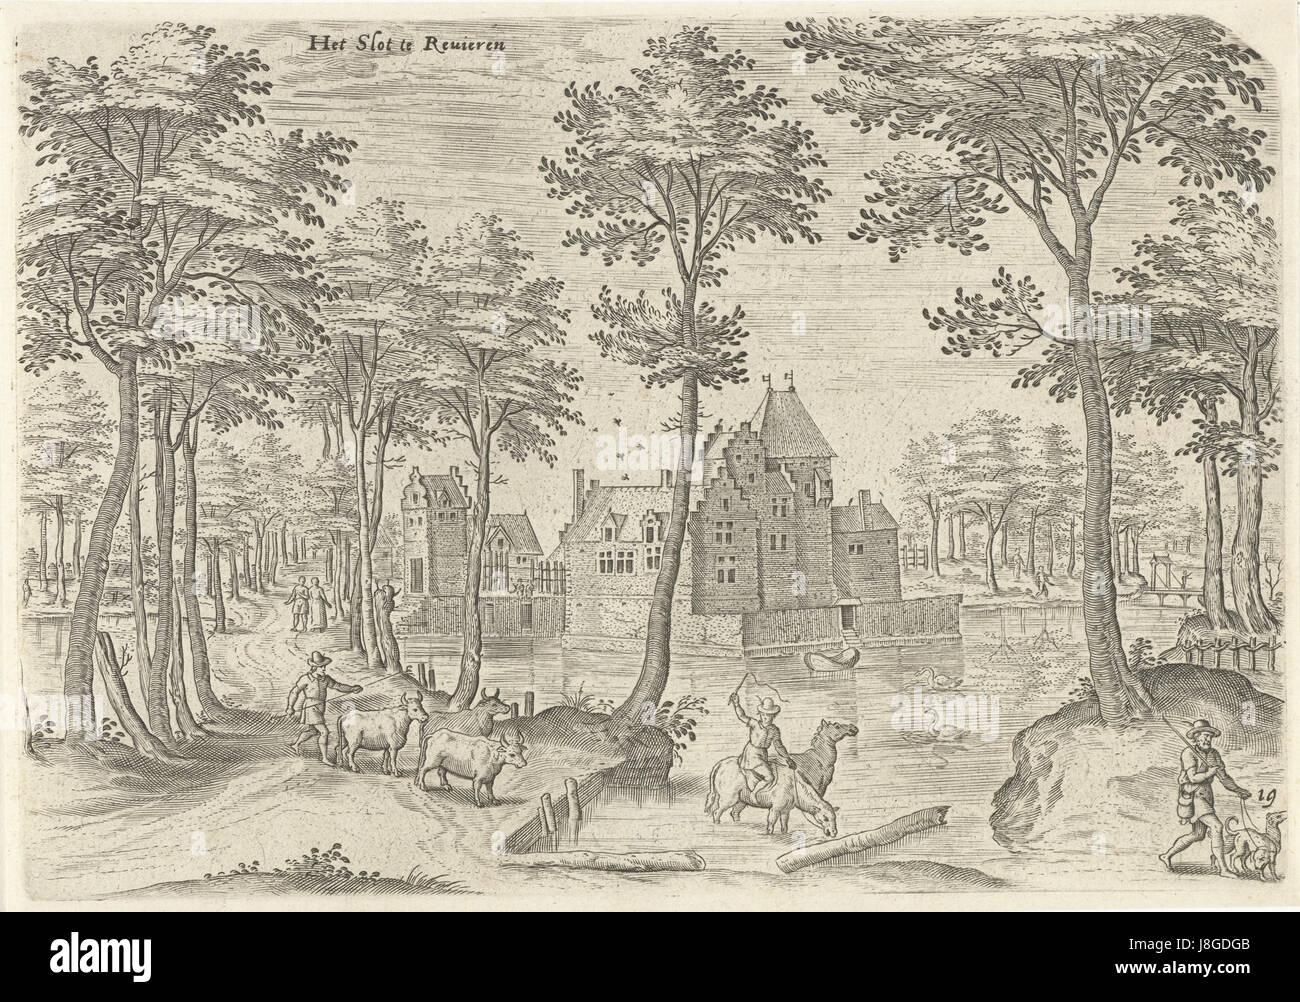 Gezicht op het Kasteel van Rivieren, Hans Collaert (I), naar Hans Bol, Jacob Grimmer, 1530   1580 - Stock Image